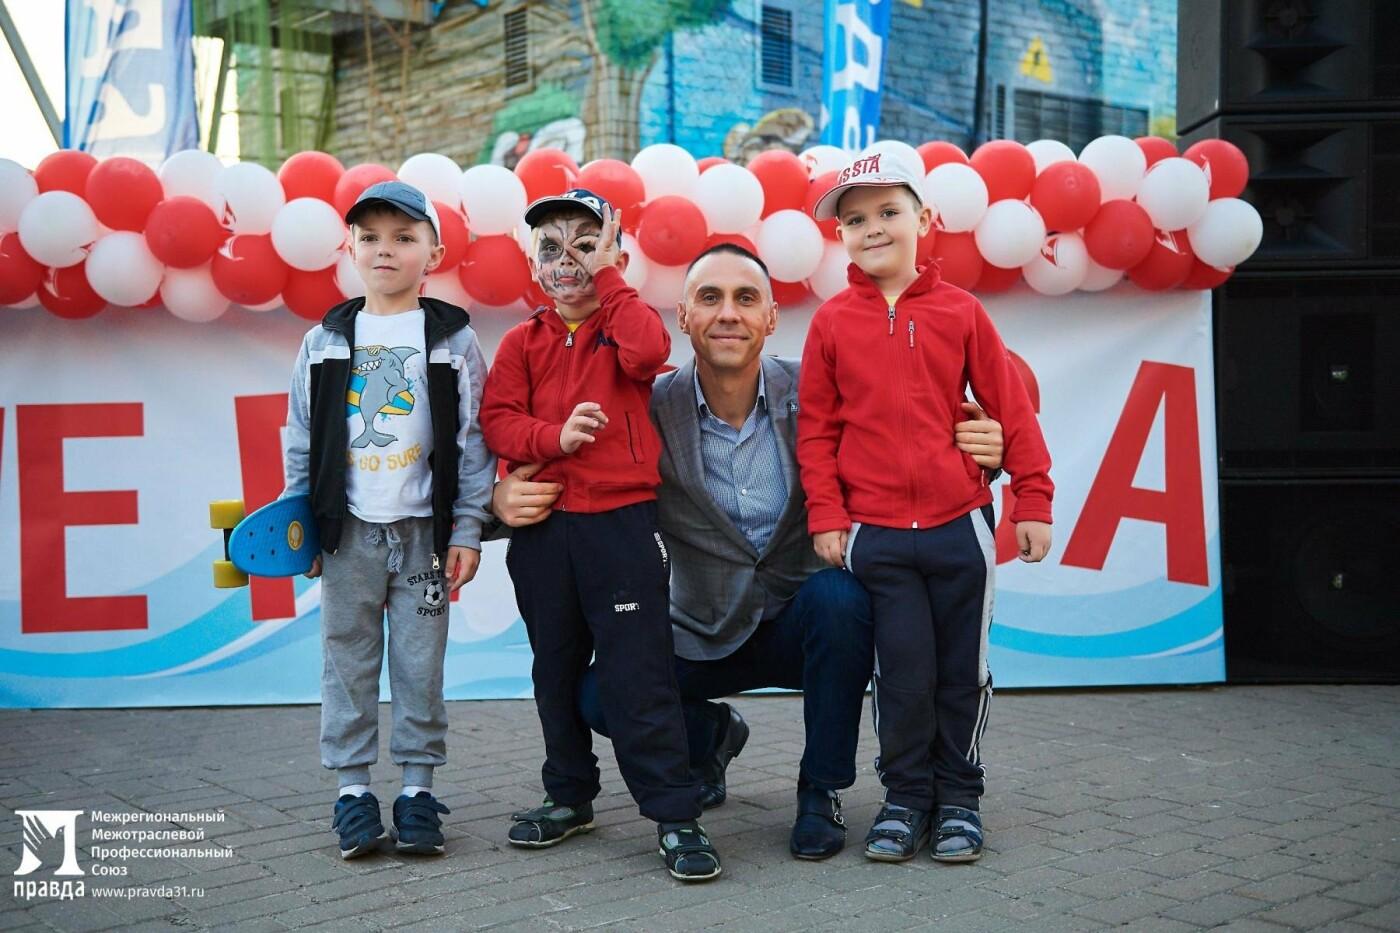 Профсоюз «Правда» вместе с белгородцами подарил тренажёры для реабилитации детей с особенностями здоровья, фото-12